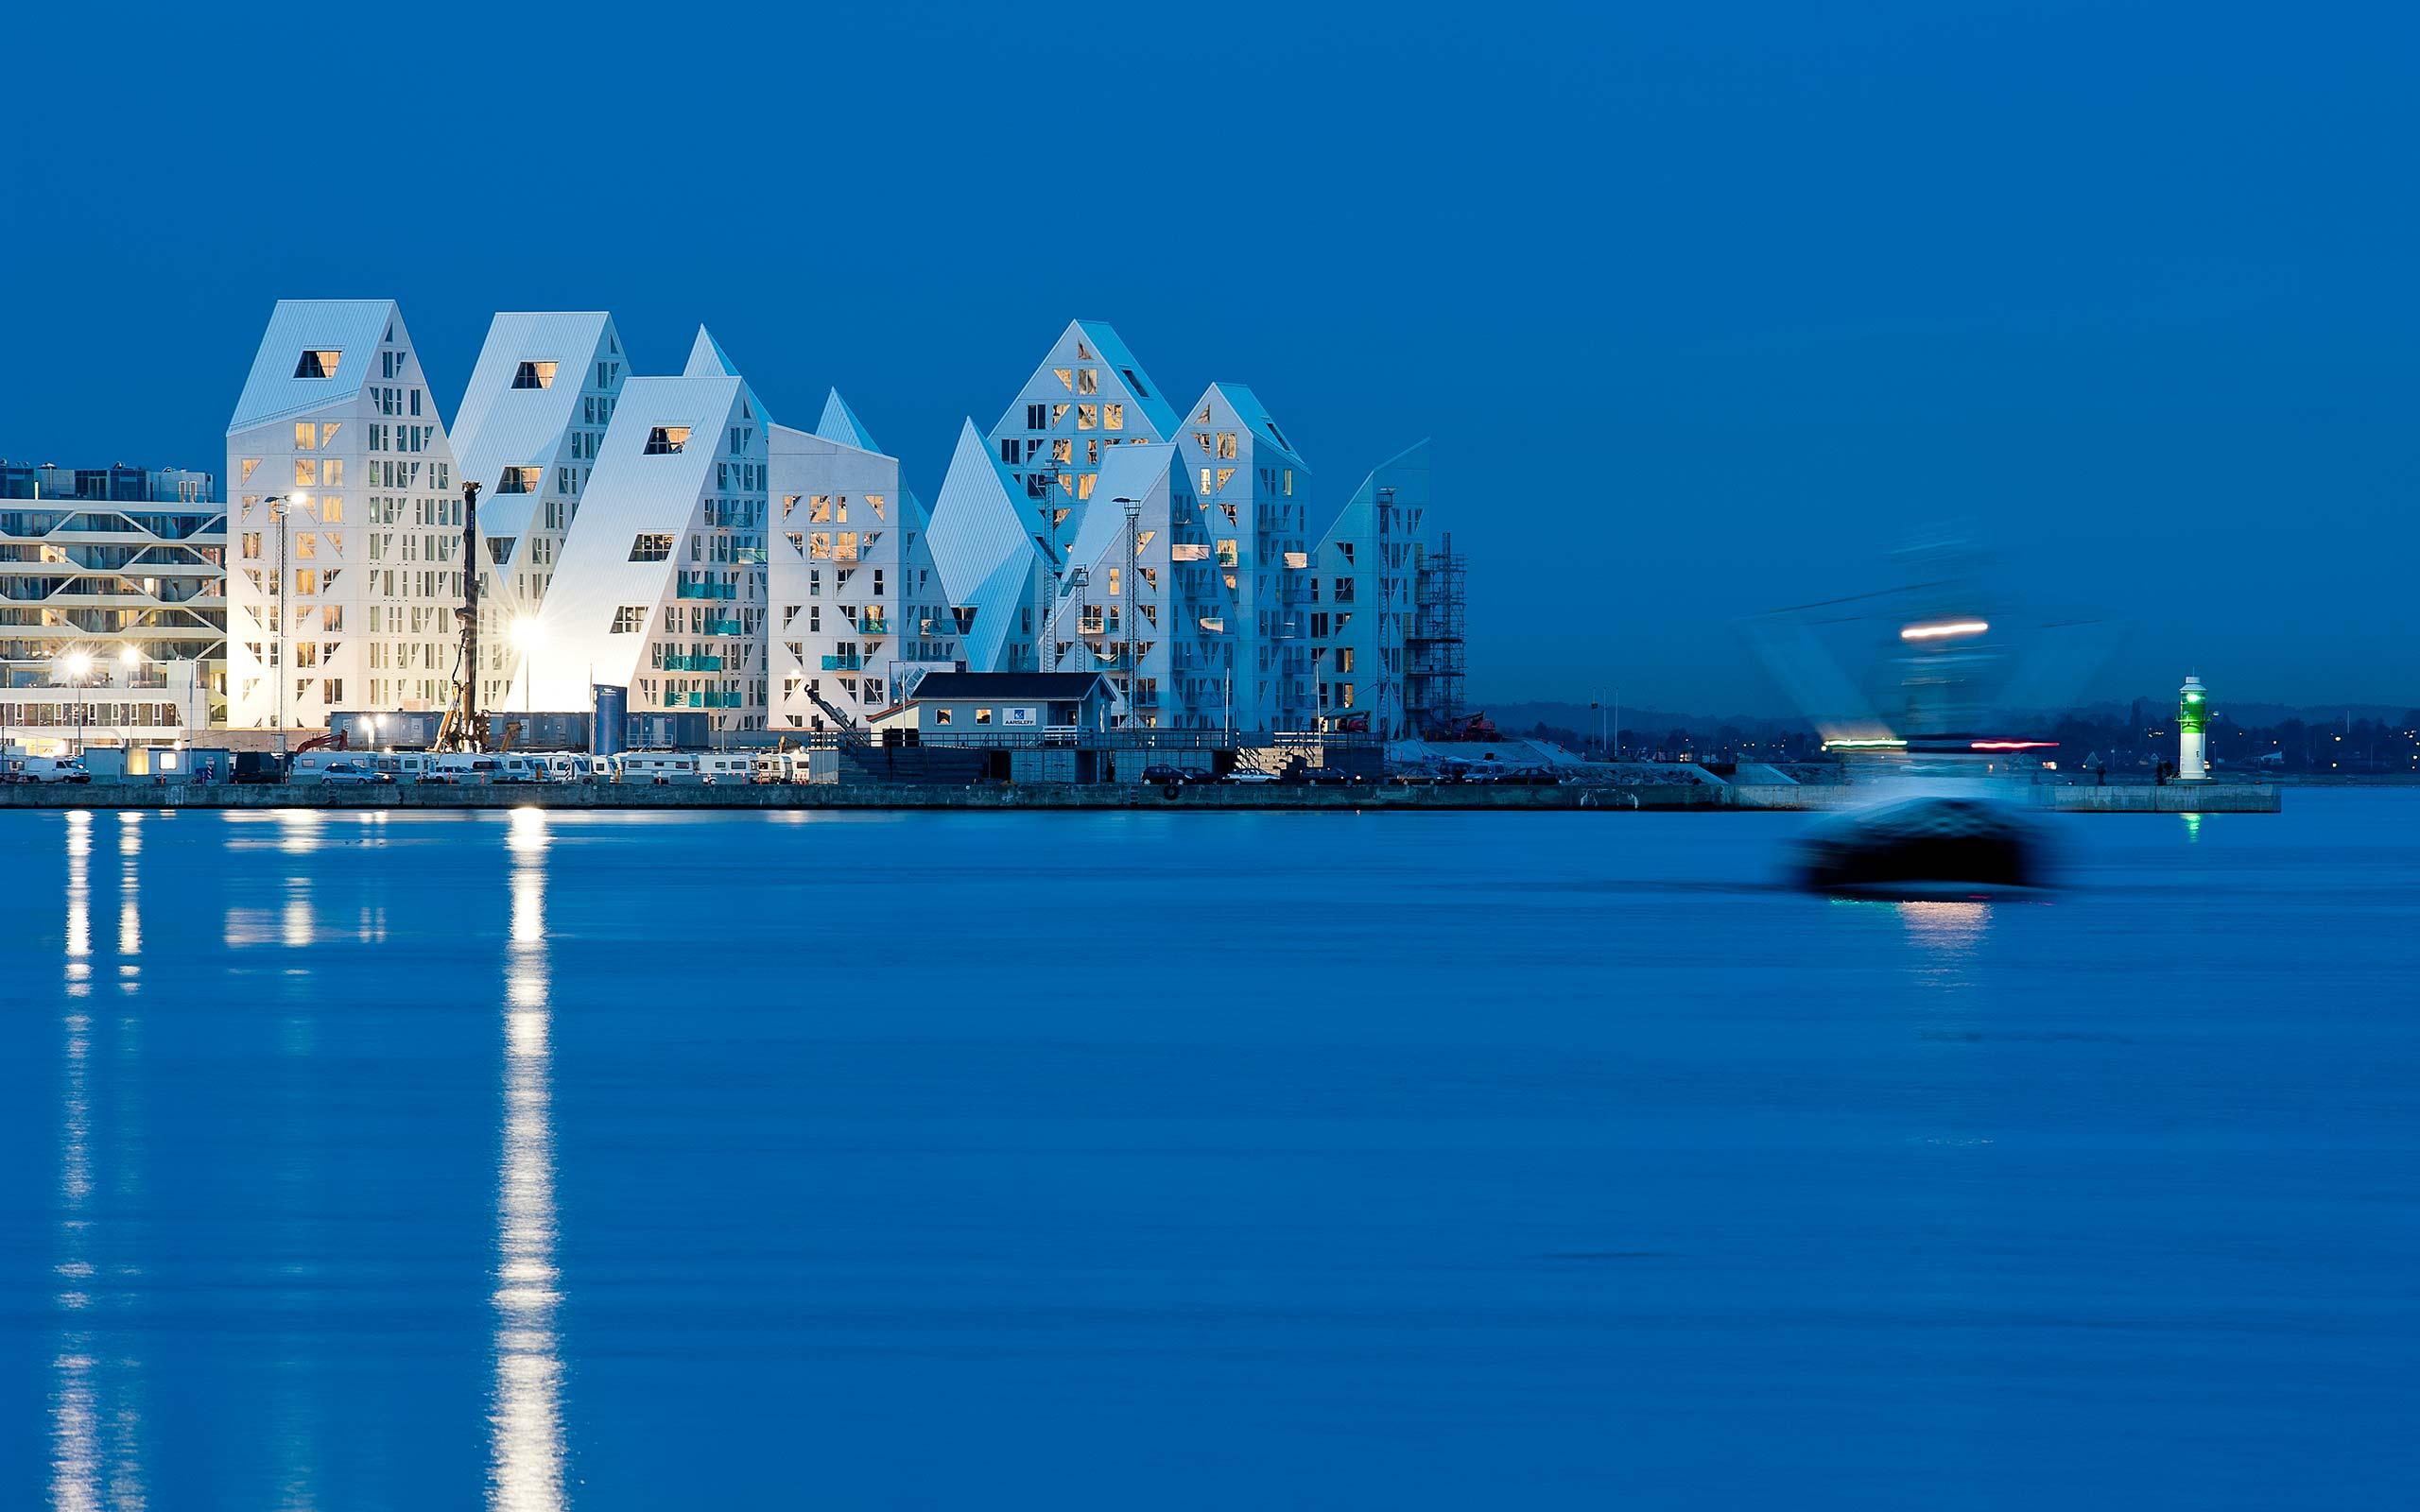 Aarhus Isbjerget